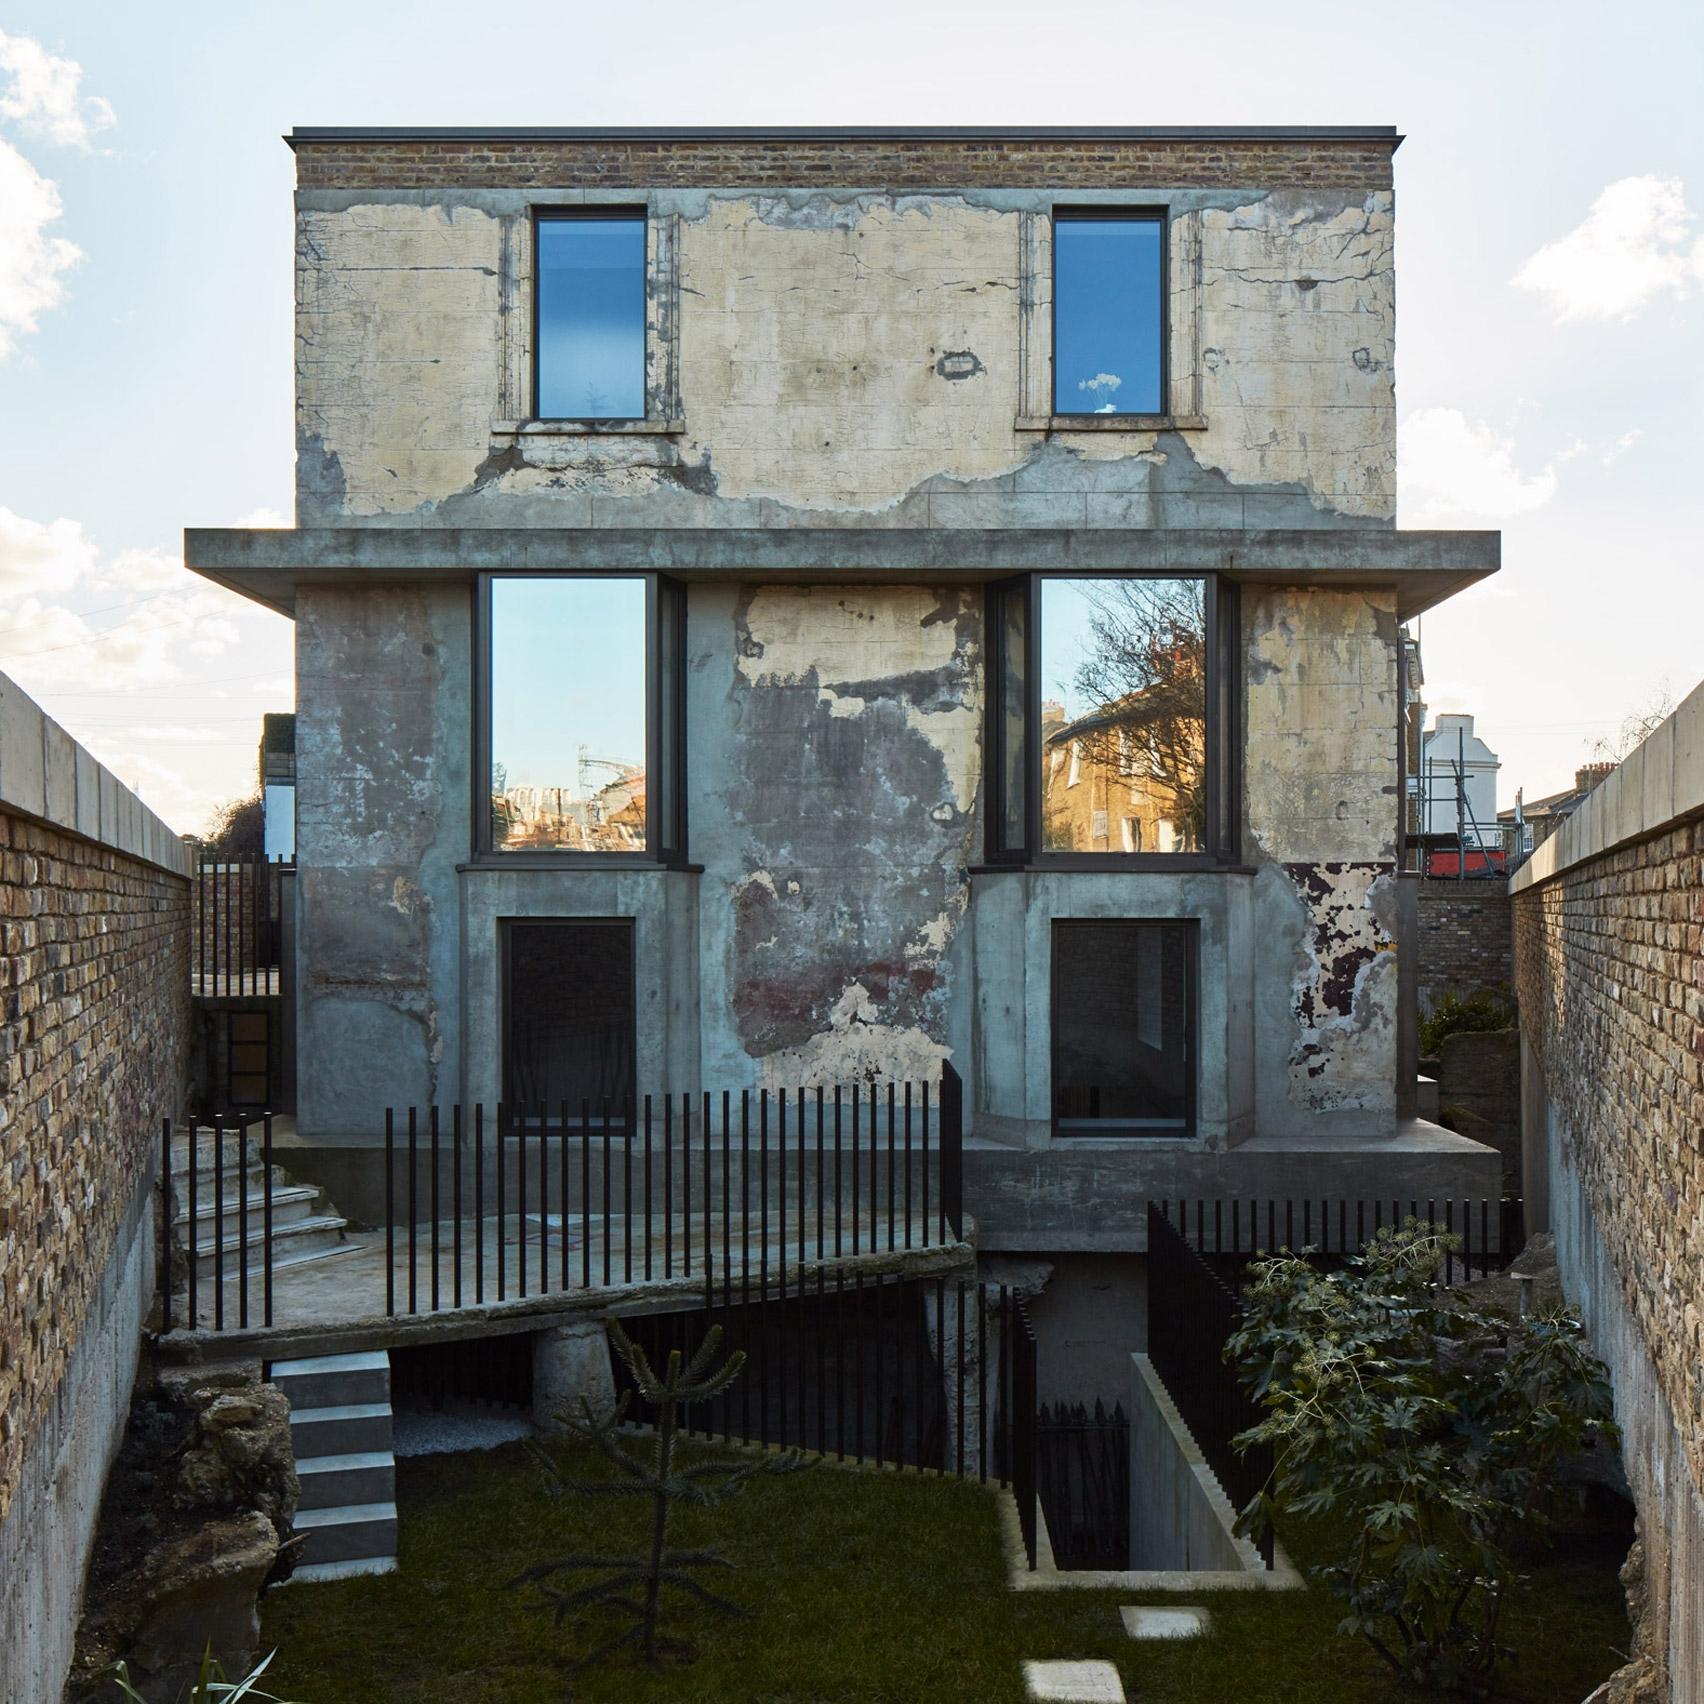 Шедевры архитектуры: 10 самых необычных домов мира, которые построили в 2020 году (ФОТО) - фото №6